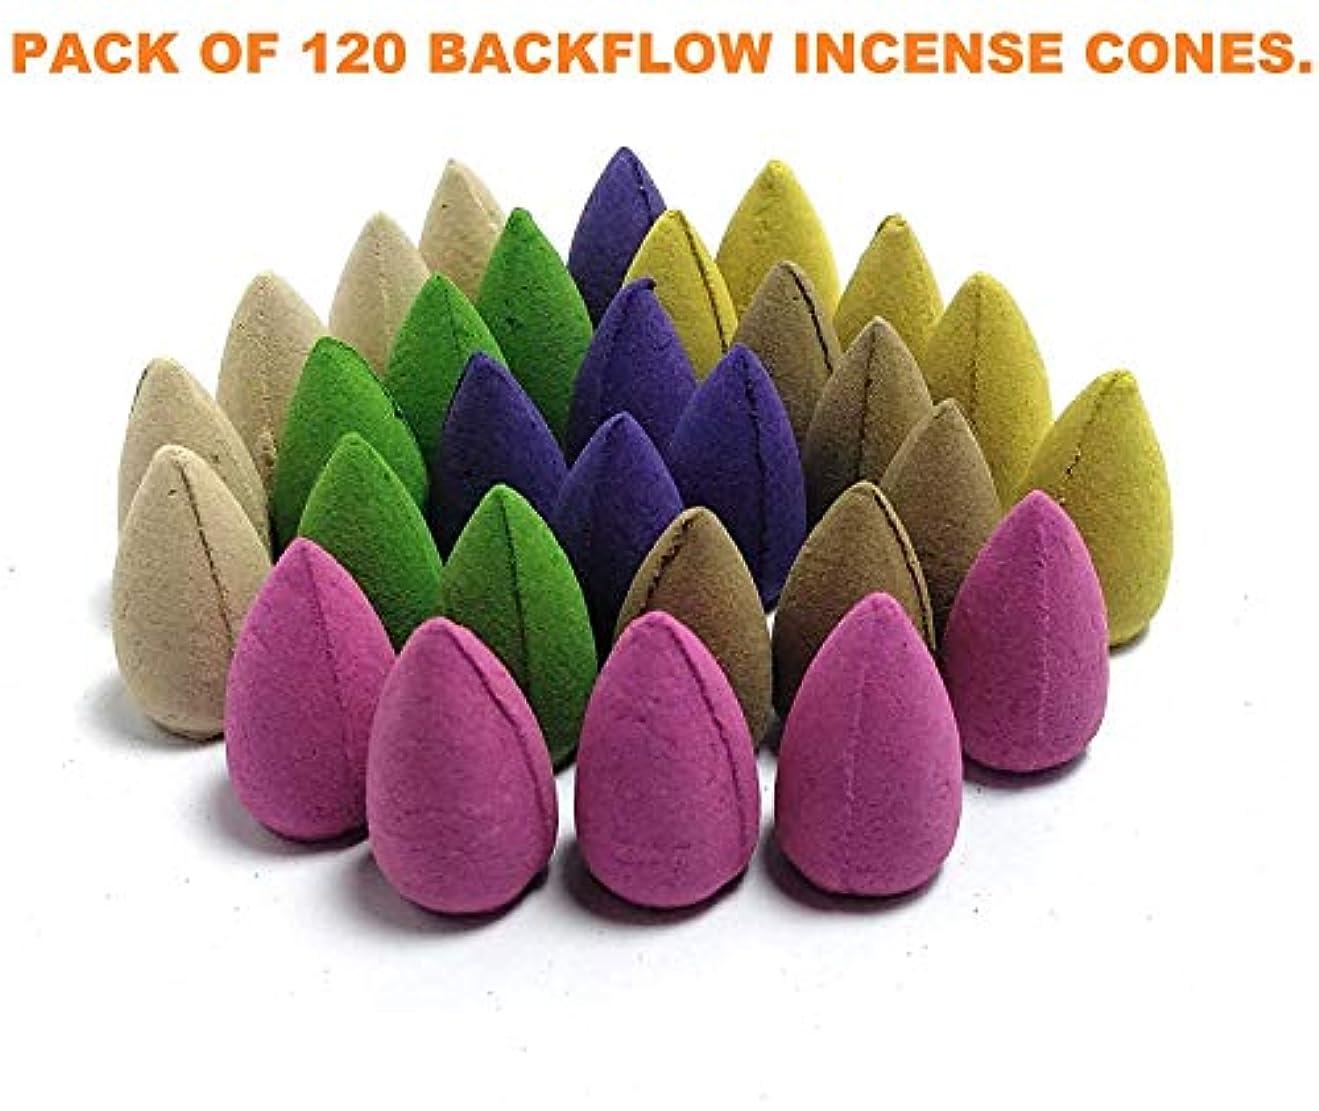 少年備品思想NYRWANA Backflow Incense Cones, Rose/Jasmine/Lavender Fragrances,(Multicolour) - Pack of 120